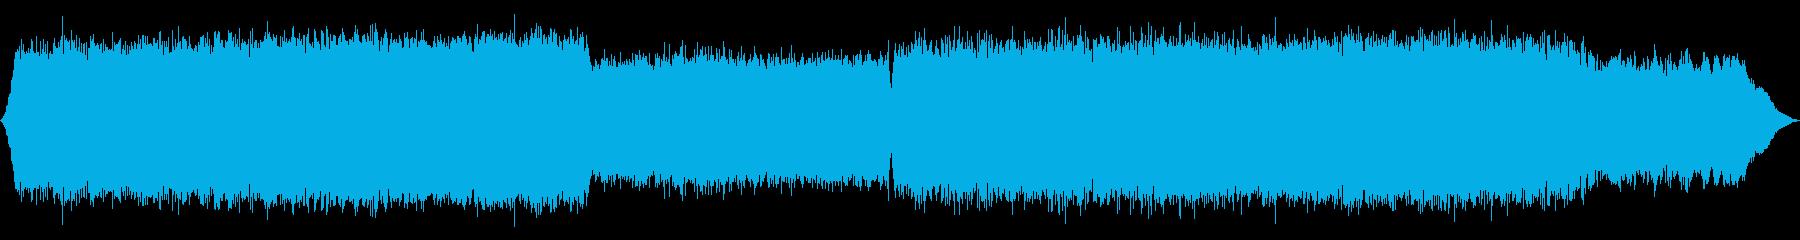 重いフィードバック歪み通信干渉の再生済みの波形